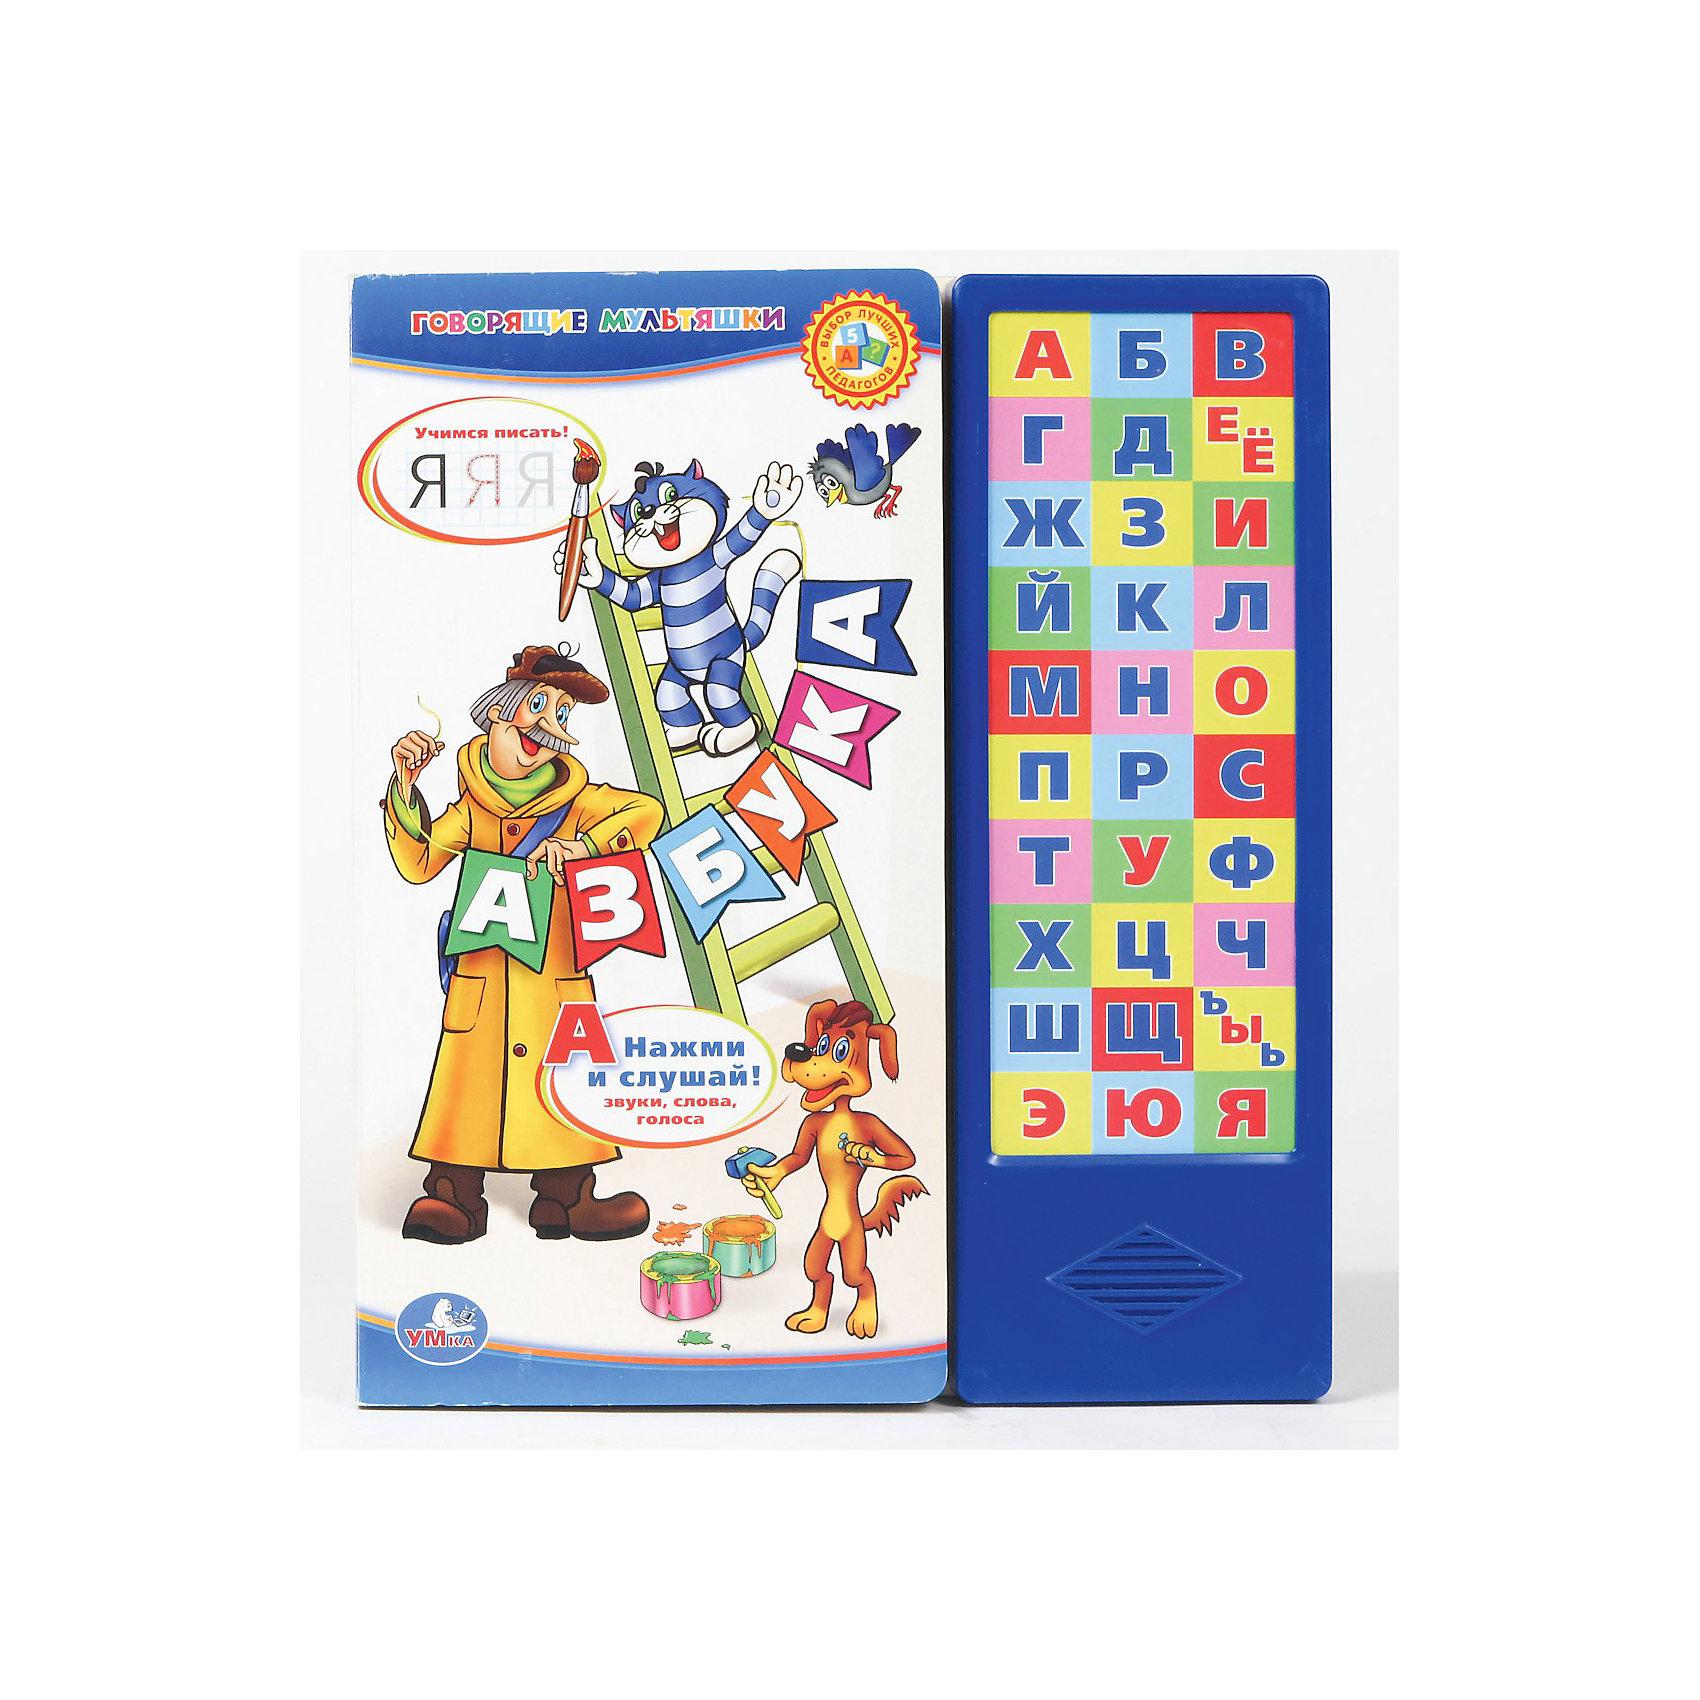 Книга с 33 кнопками Азбука ПростоквашиноКнига Азбука Простоквашино, Умка. Эта книга научит Вашего ребёнка  алфавиту в процесе игры!<br><br>Дополнительная информация:<br><br> Автор: К. Хомякова <br>Формат: 254х295 мм <br>Переплет: картон  <br>Количество страниц: 16 стр <br>Батарейки: LR 44 3 шт.<br>30 кнопок<br><br>Станет прекрасным подарком каждому ребенку!<br><br>Ширина мм: 250<br>Глубина мм: 20<br>Высота мм: 300<br>Вес г: 700<br>Возраст от месяцев: 24<br>Возраст до месяцев: 84<br>Пол: Унисекс<br>Возраст: Детский<br>SKU: 3321563